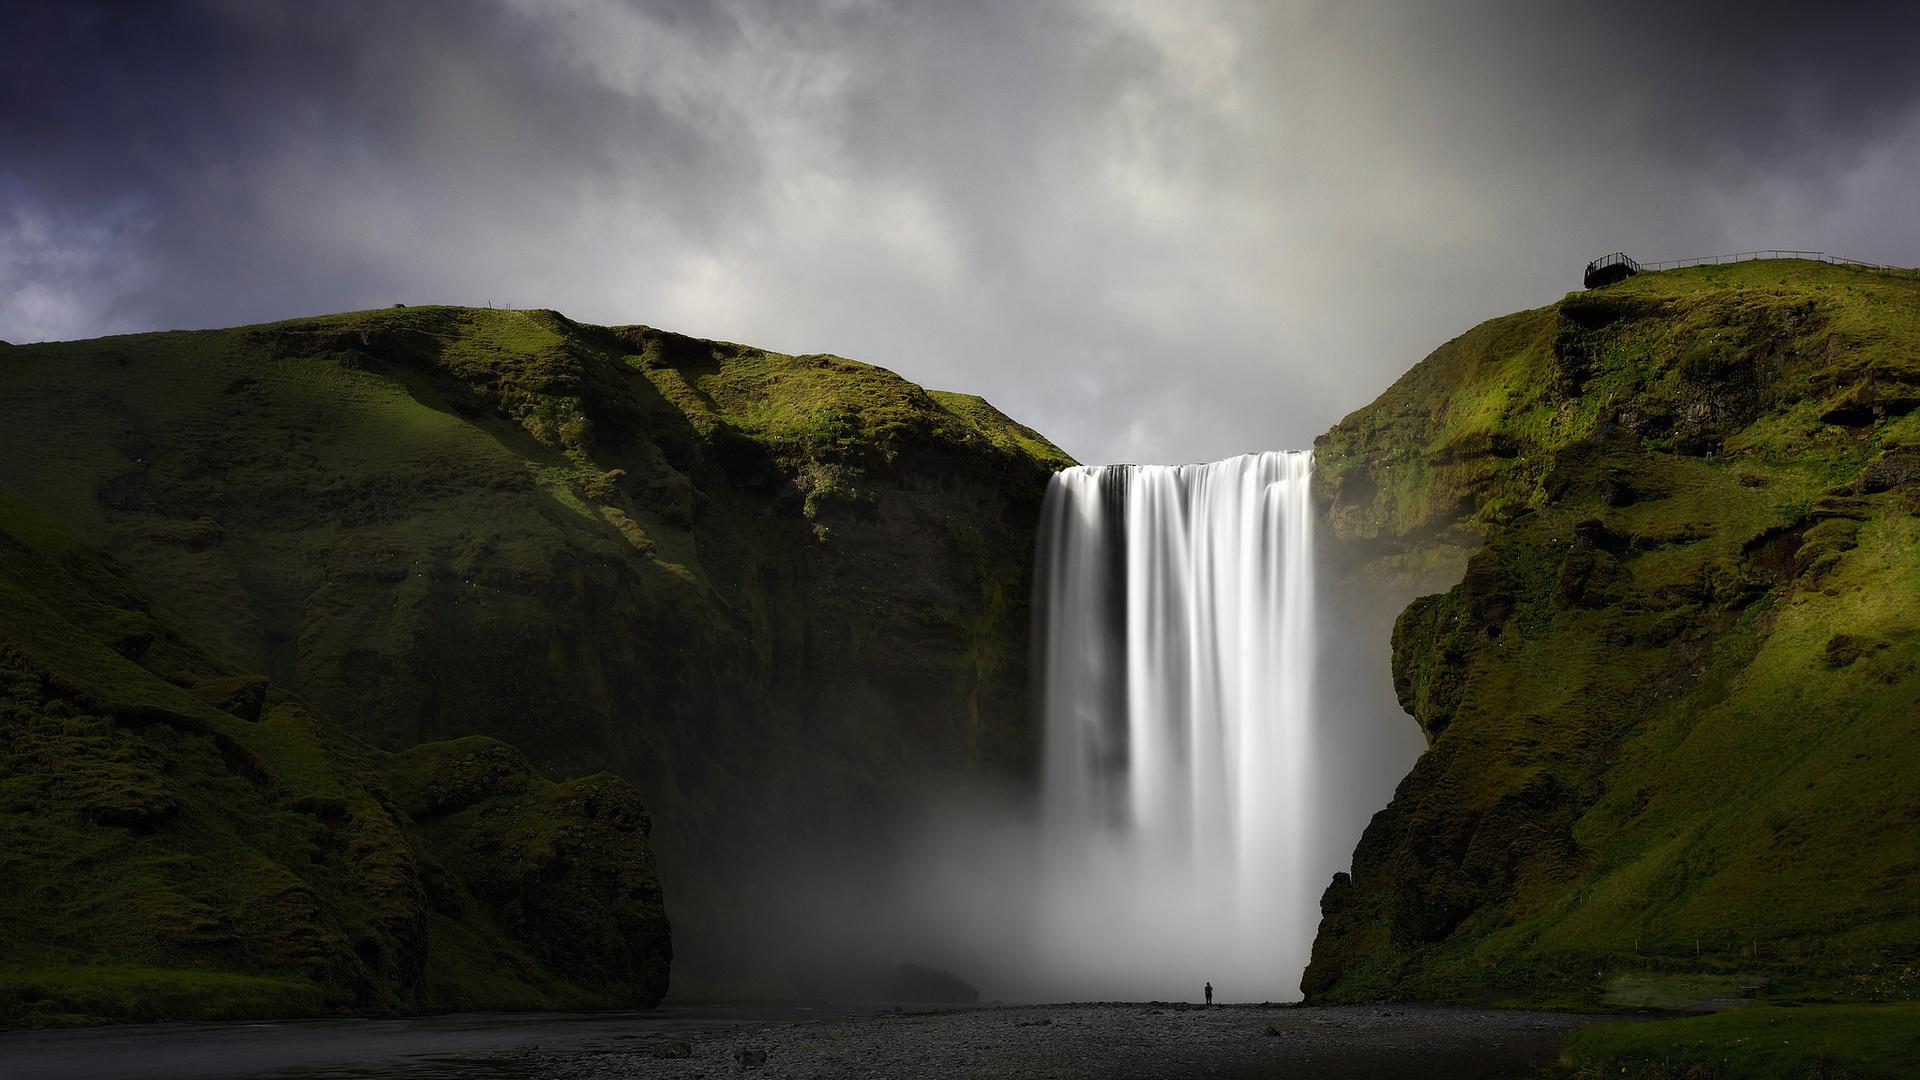 vodopad-v-gorah-porno-rakom-na-horoshim-kachnstve